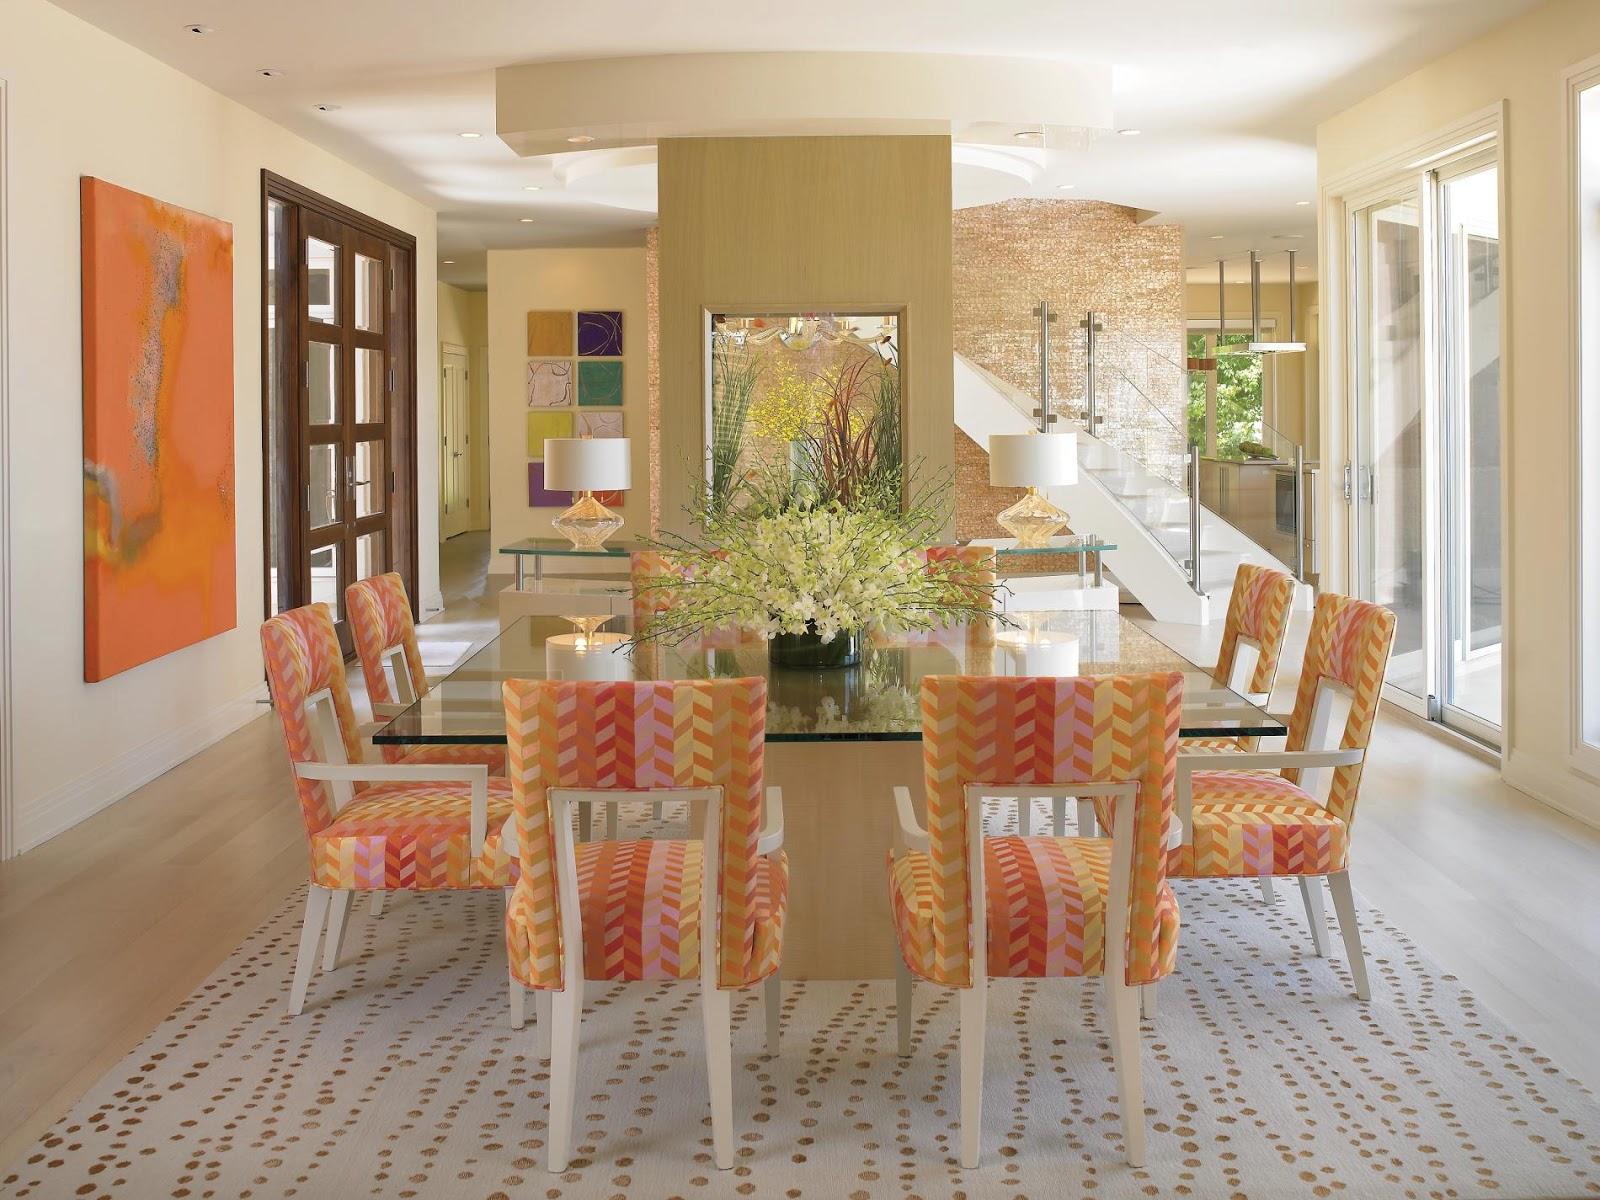 design Decoração e Cores para Sala de jantar 2013